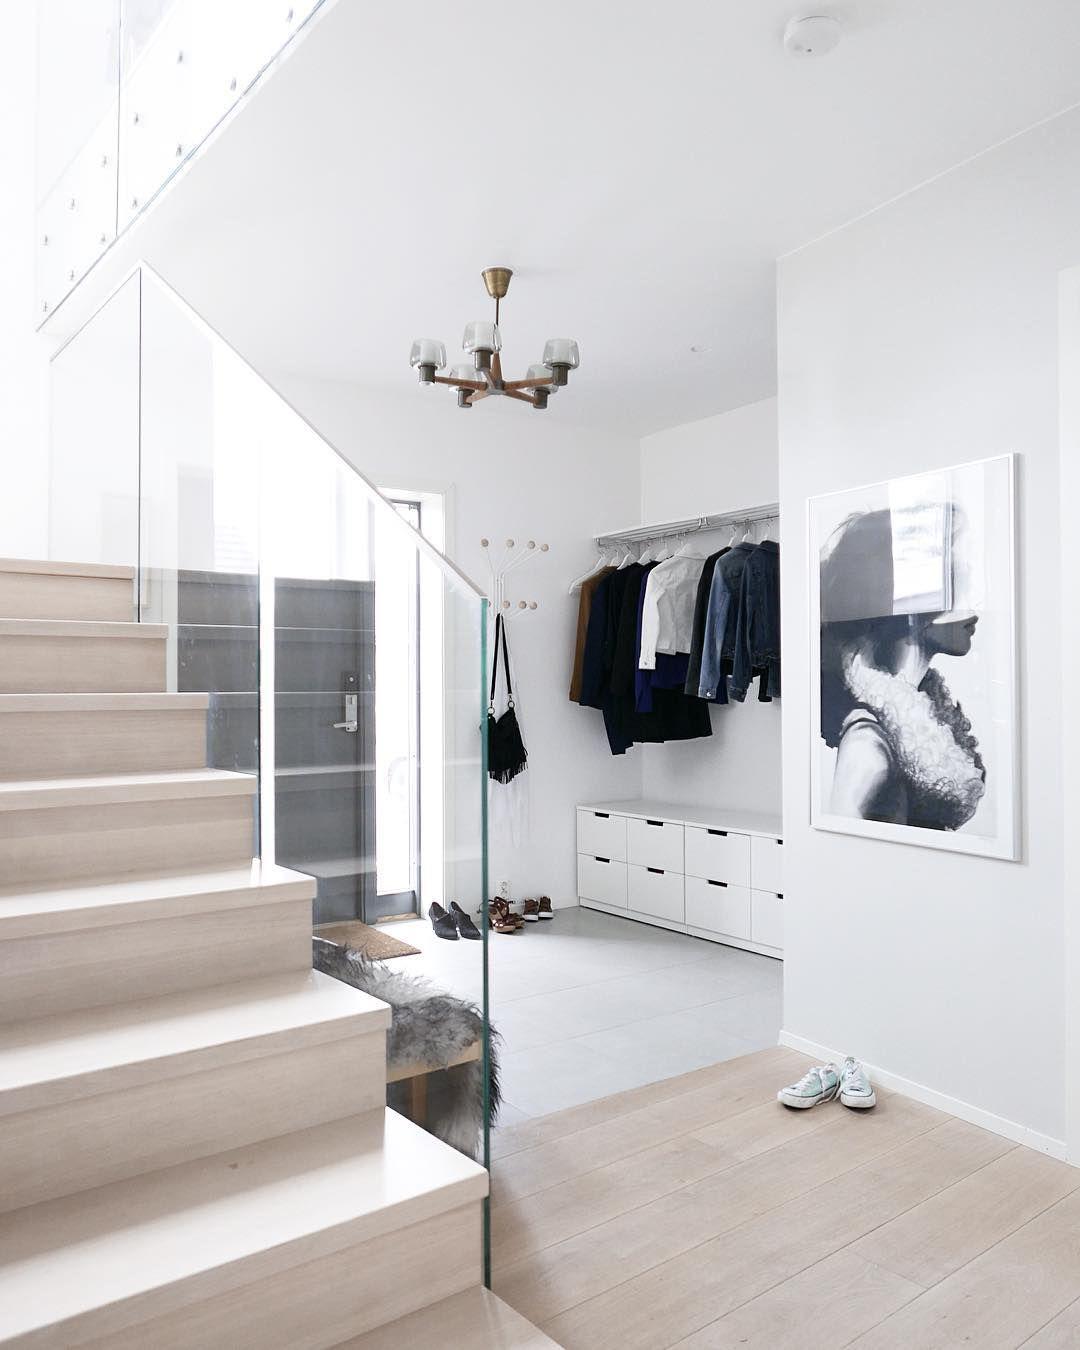 Hallway furniture habitat  stairs hall modern minimal white wood Ikea uNordli